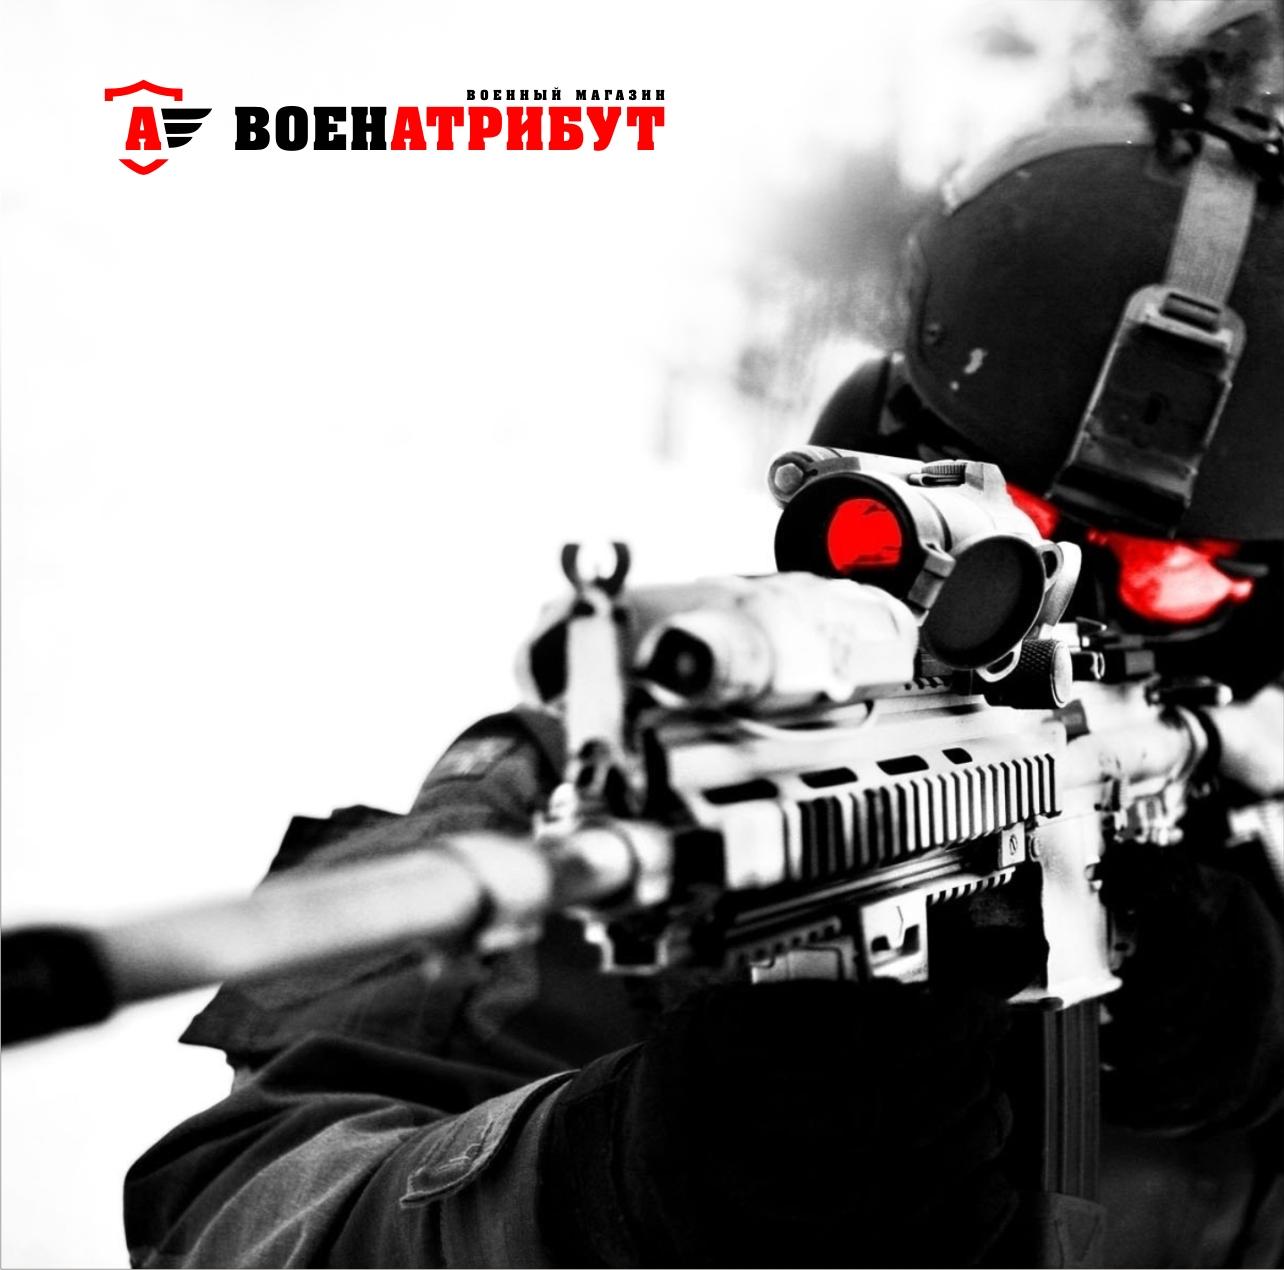 Разработка логотипа для компании военной тематики фото f_357601e9334686a4.jpg